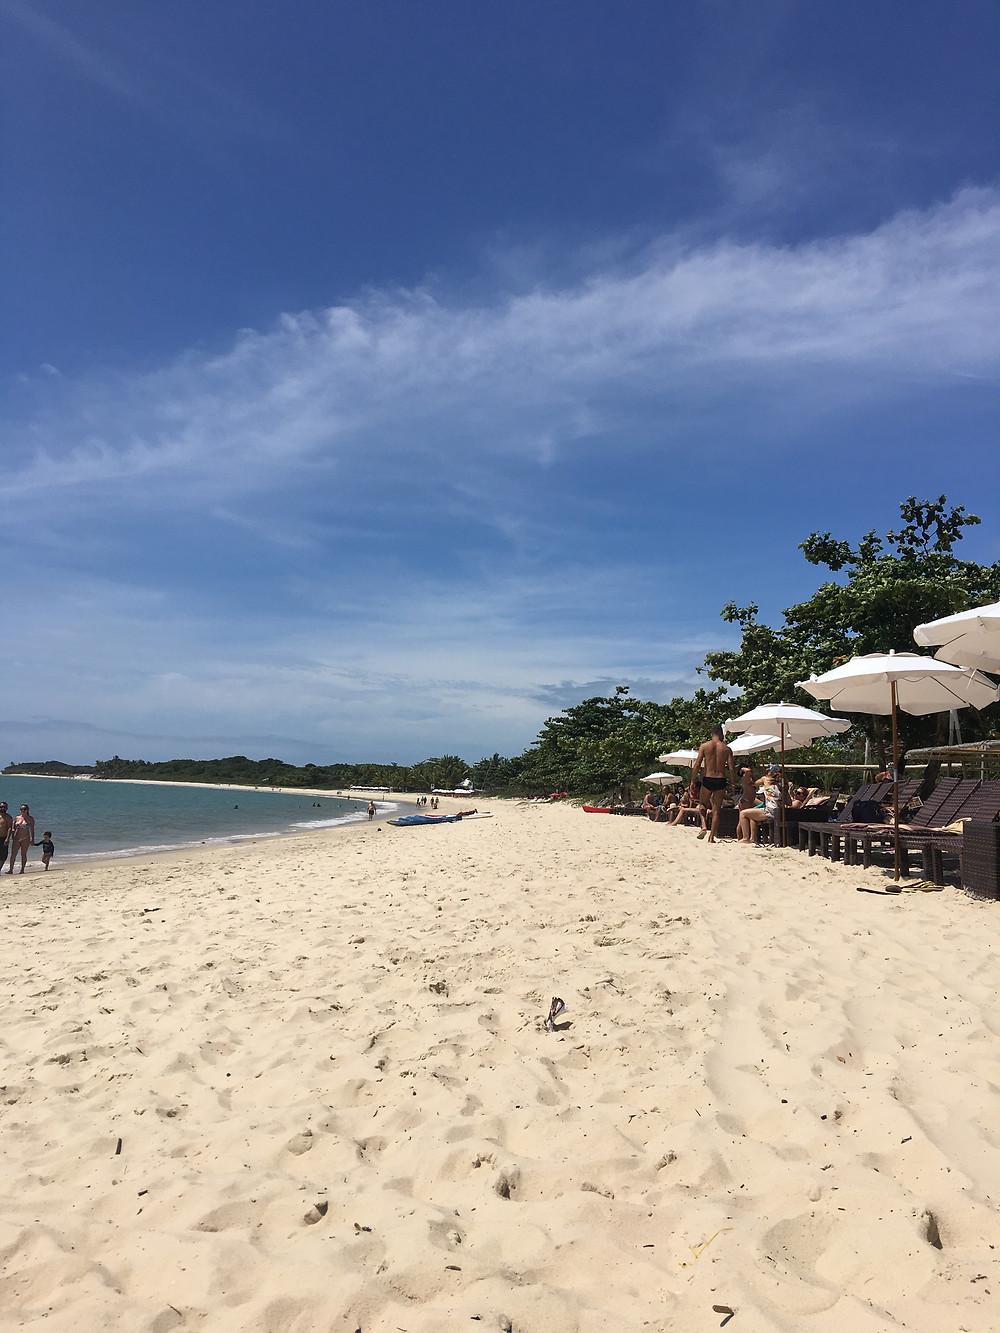 Clube de Praia noLa Torre Resort all inclucive em Porto Seguro, Bahia